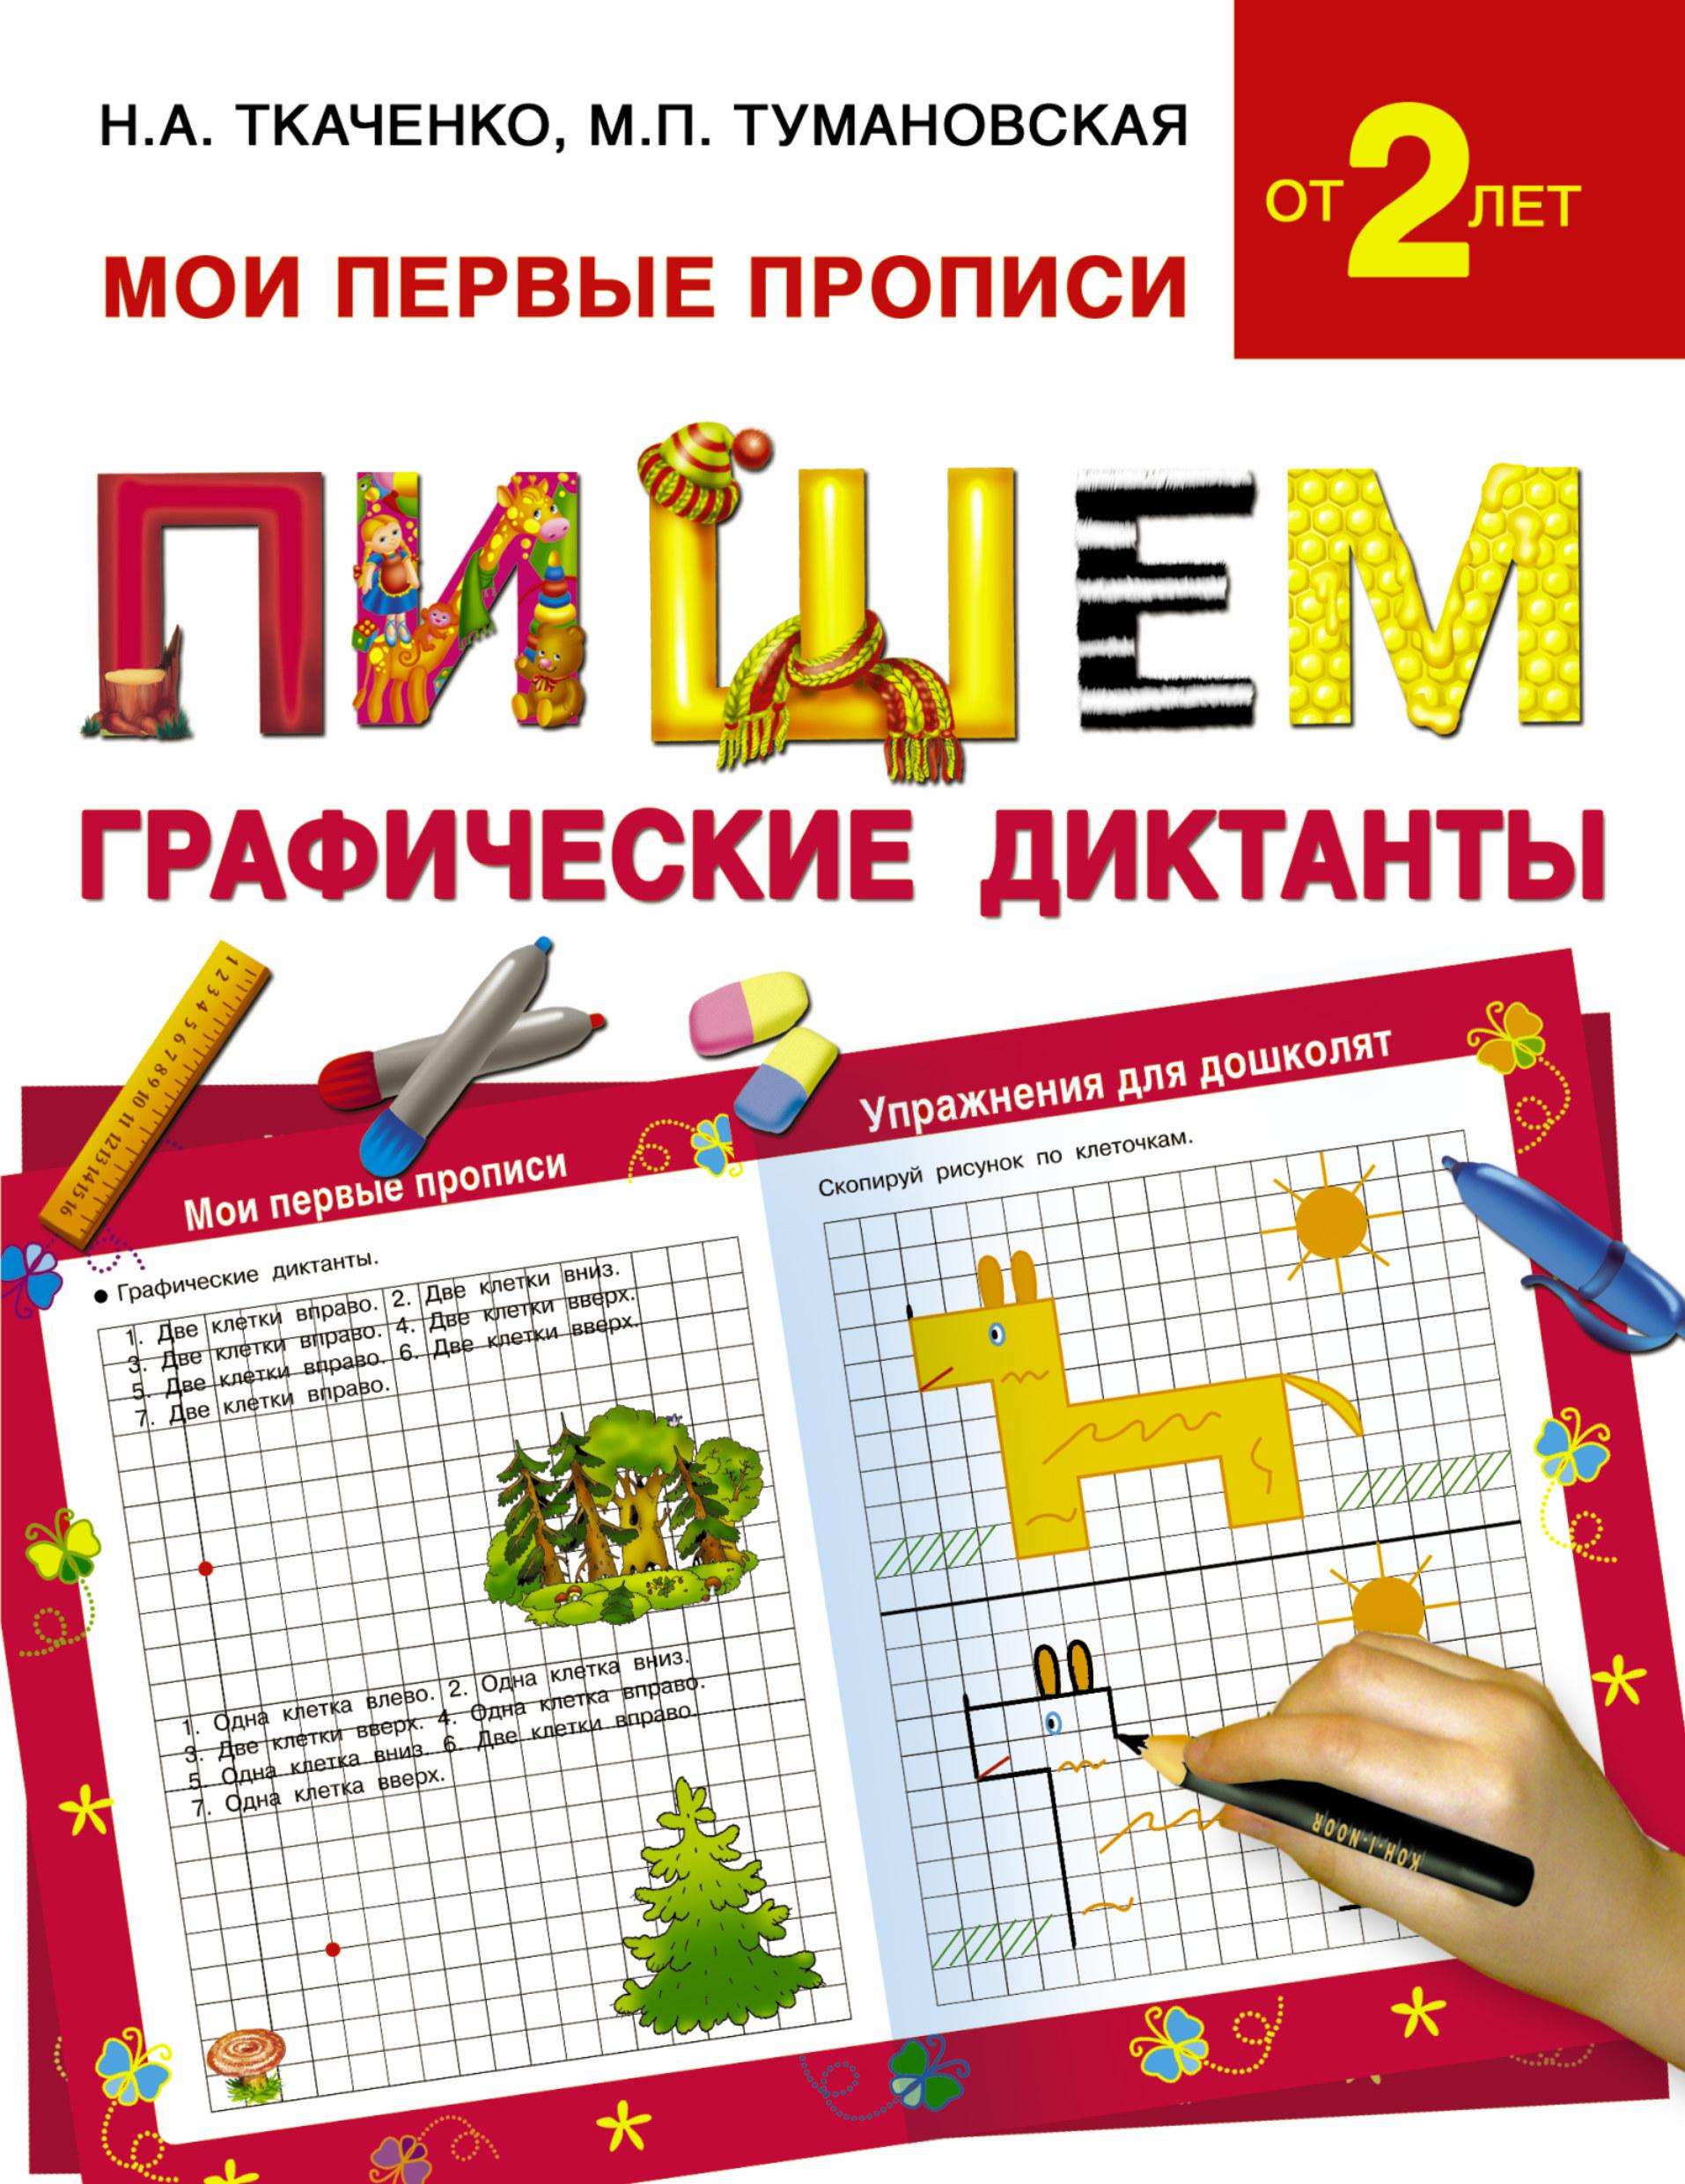 Пишем графические диктанты ( Ткаченко Н.А., Тумановская М.П.  )